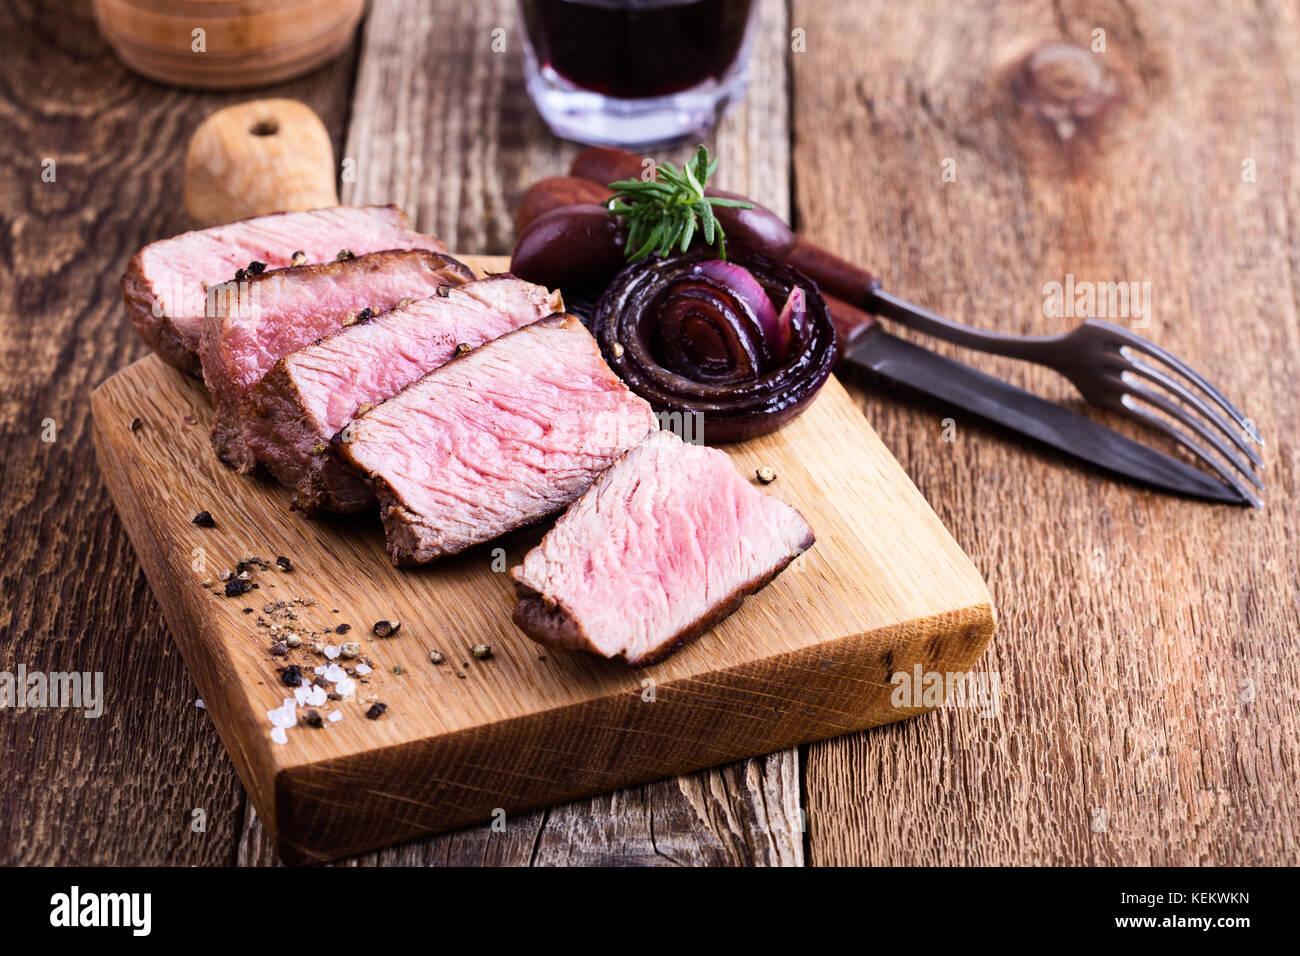 Deliciosa carne filet mignon servido sobre la tabla de cortar de madera con cebolla roja tostada y Romero Imagen De Stock